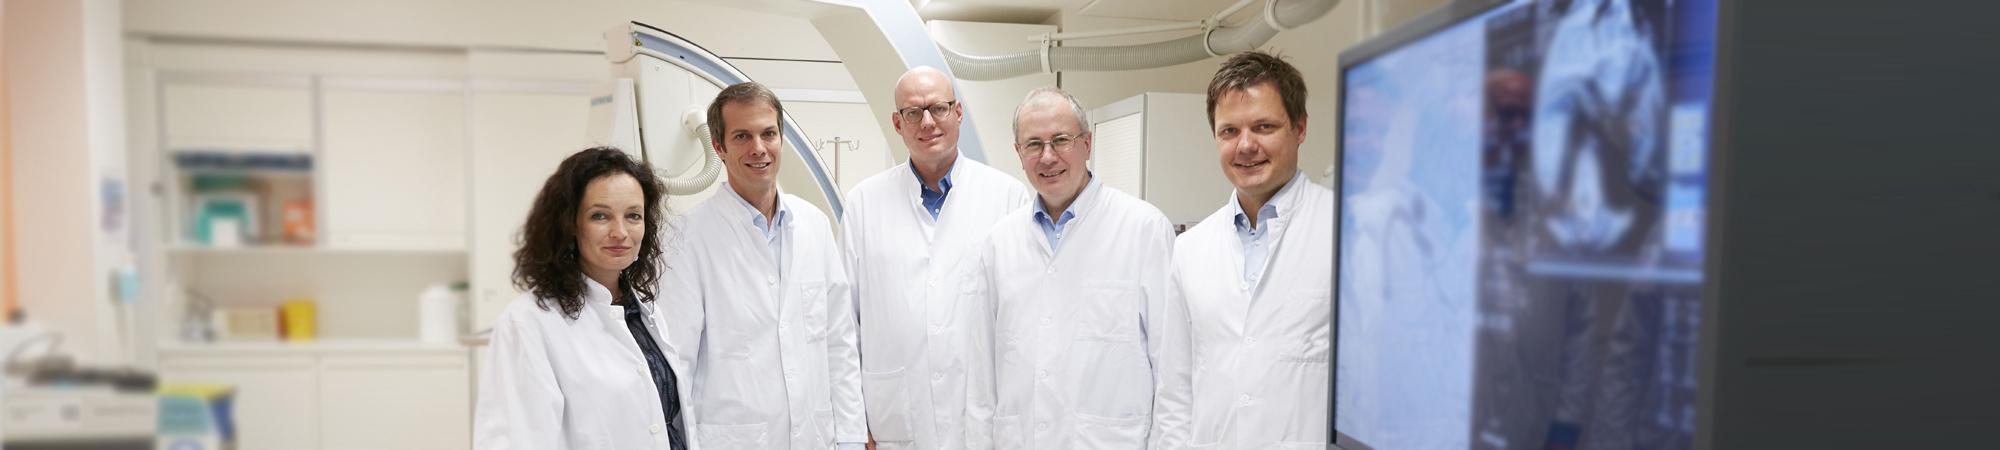 SwissIntervention-Zentrum-fuer-Mikrotherapie Aerzte